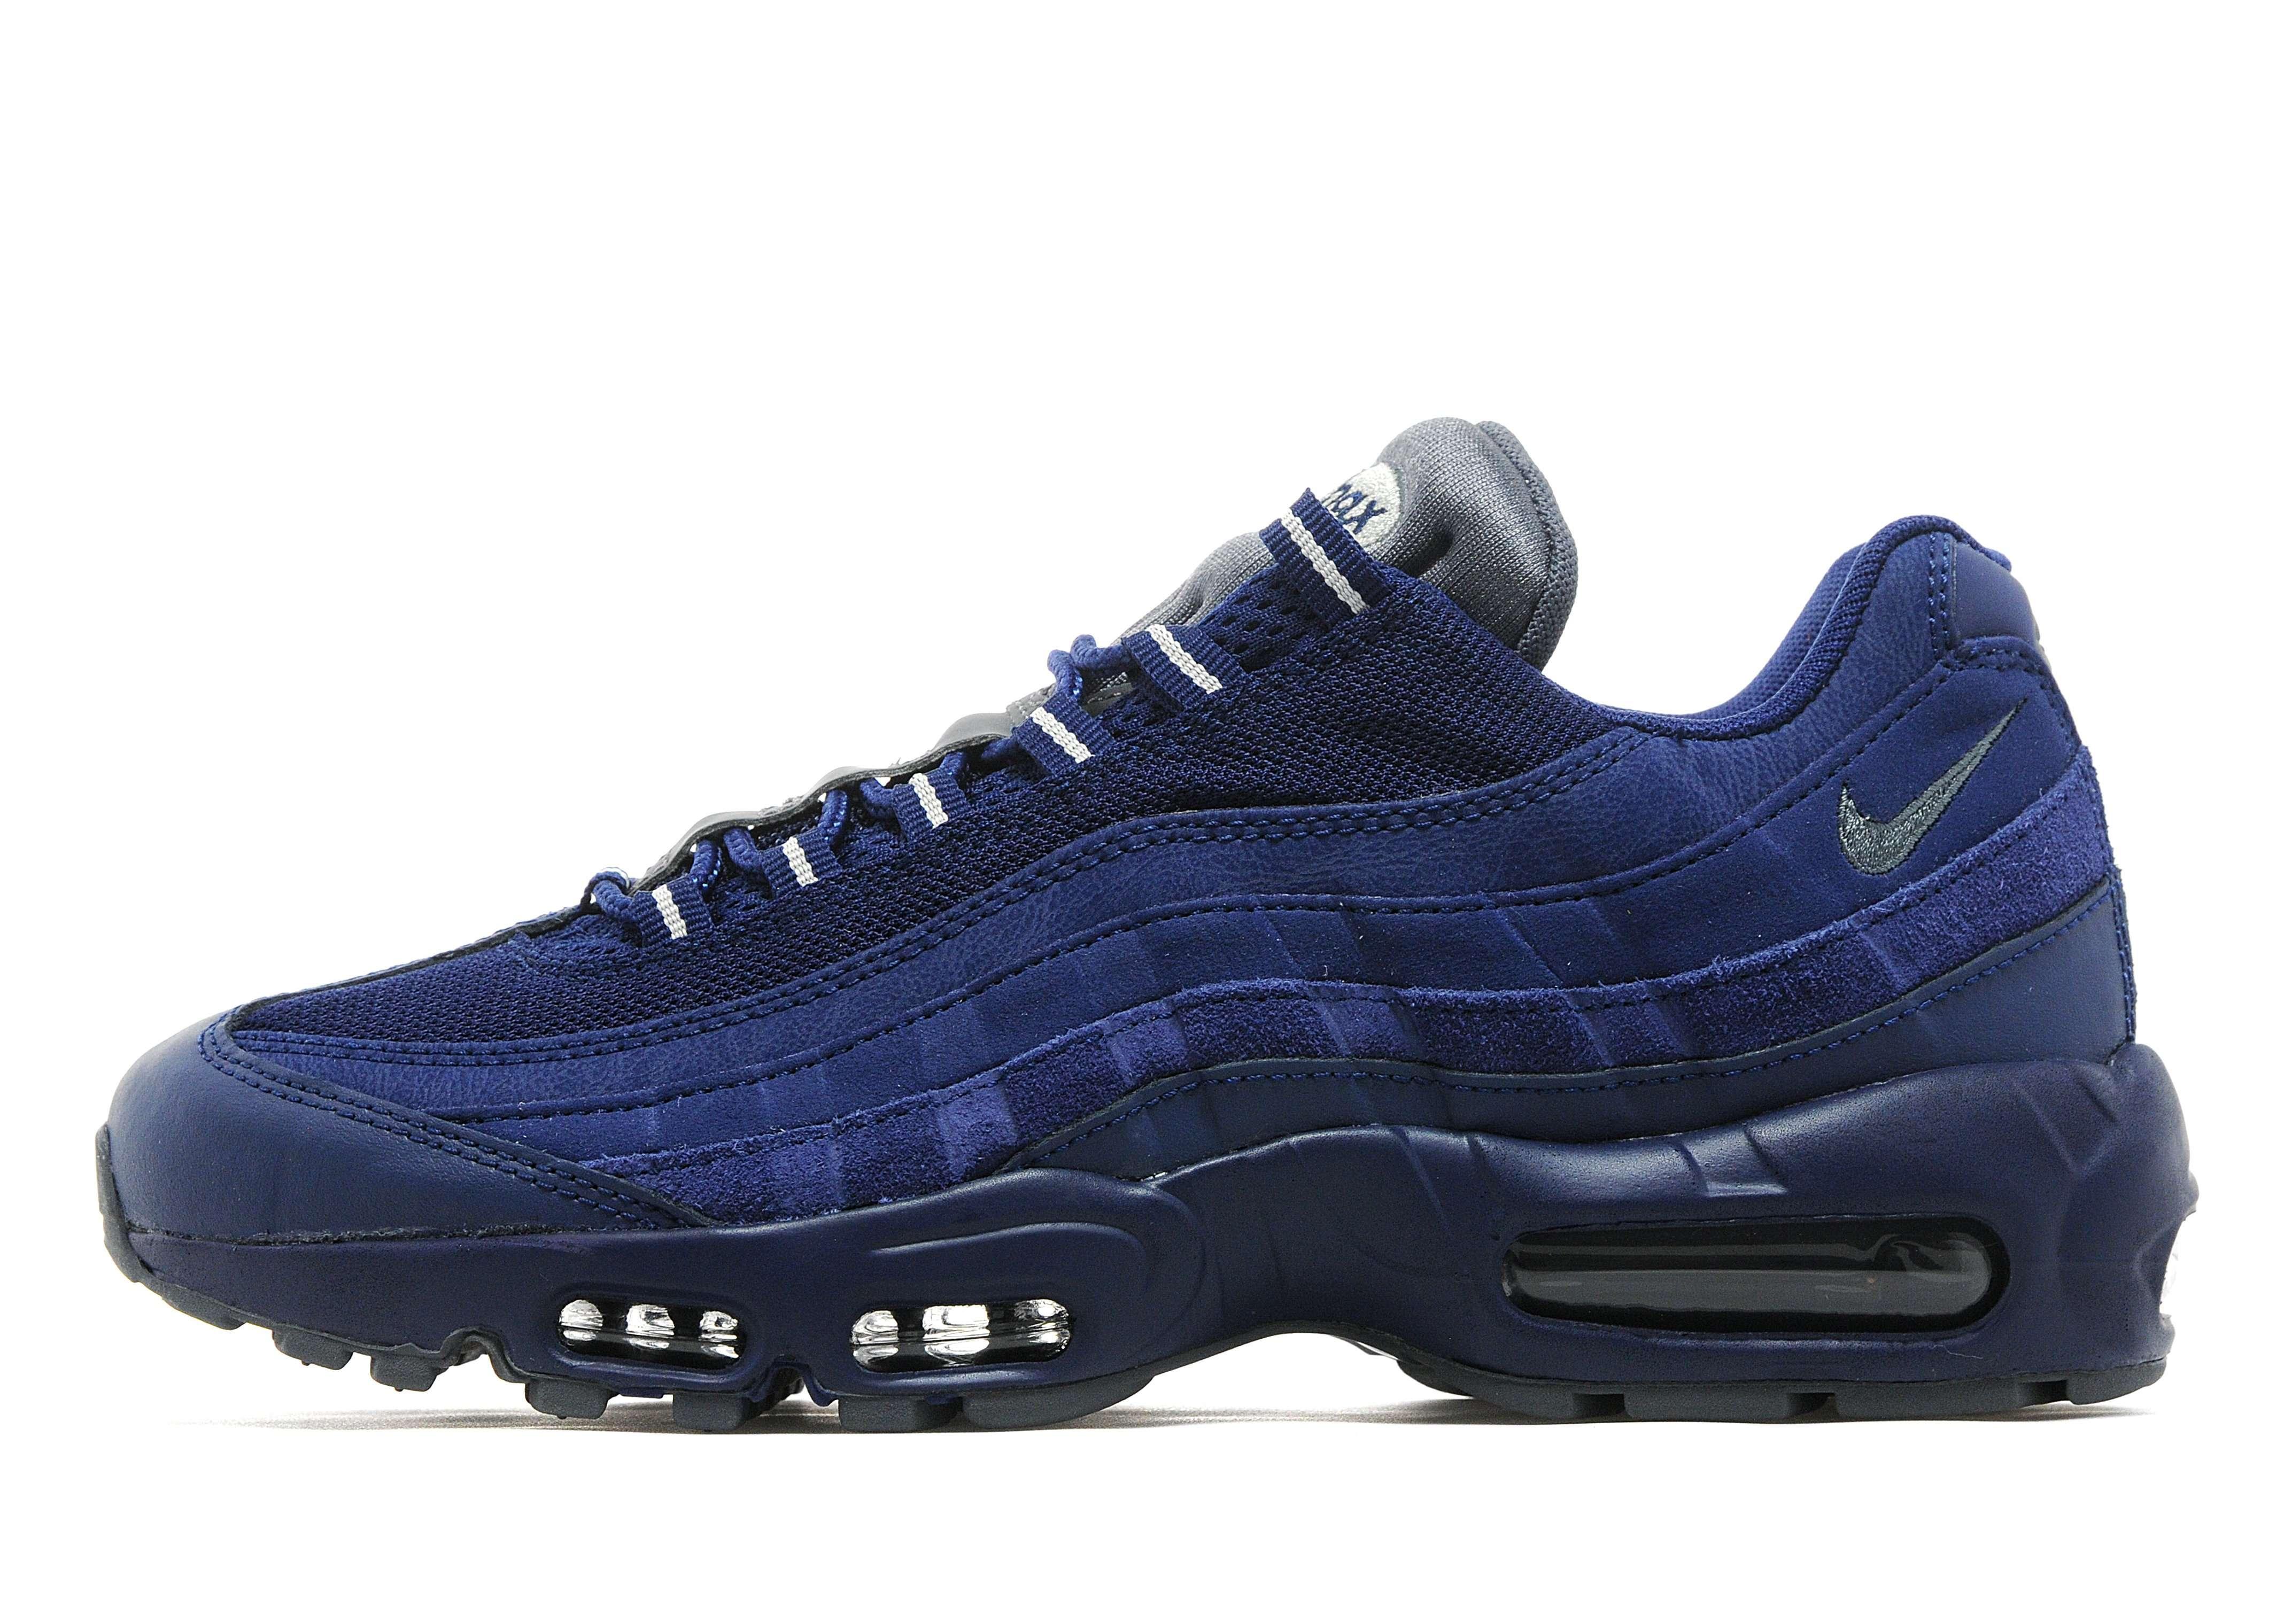 Nike Jordan Nere E Rosse